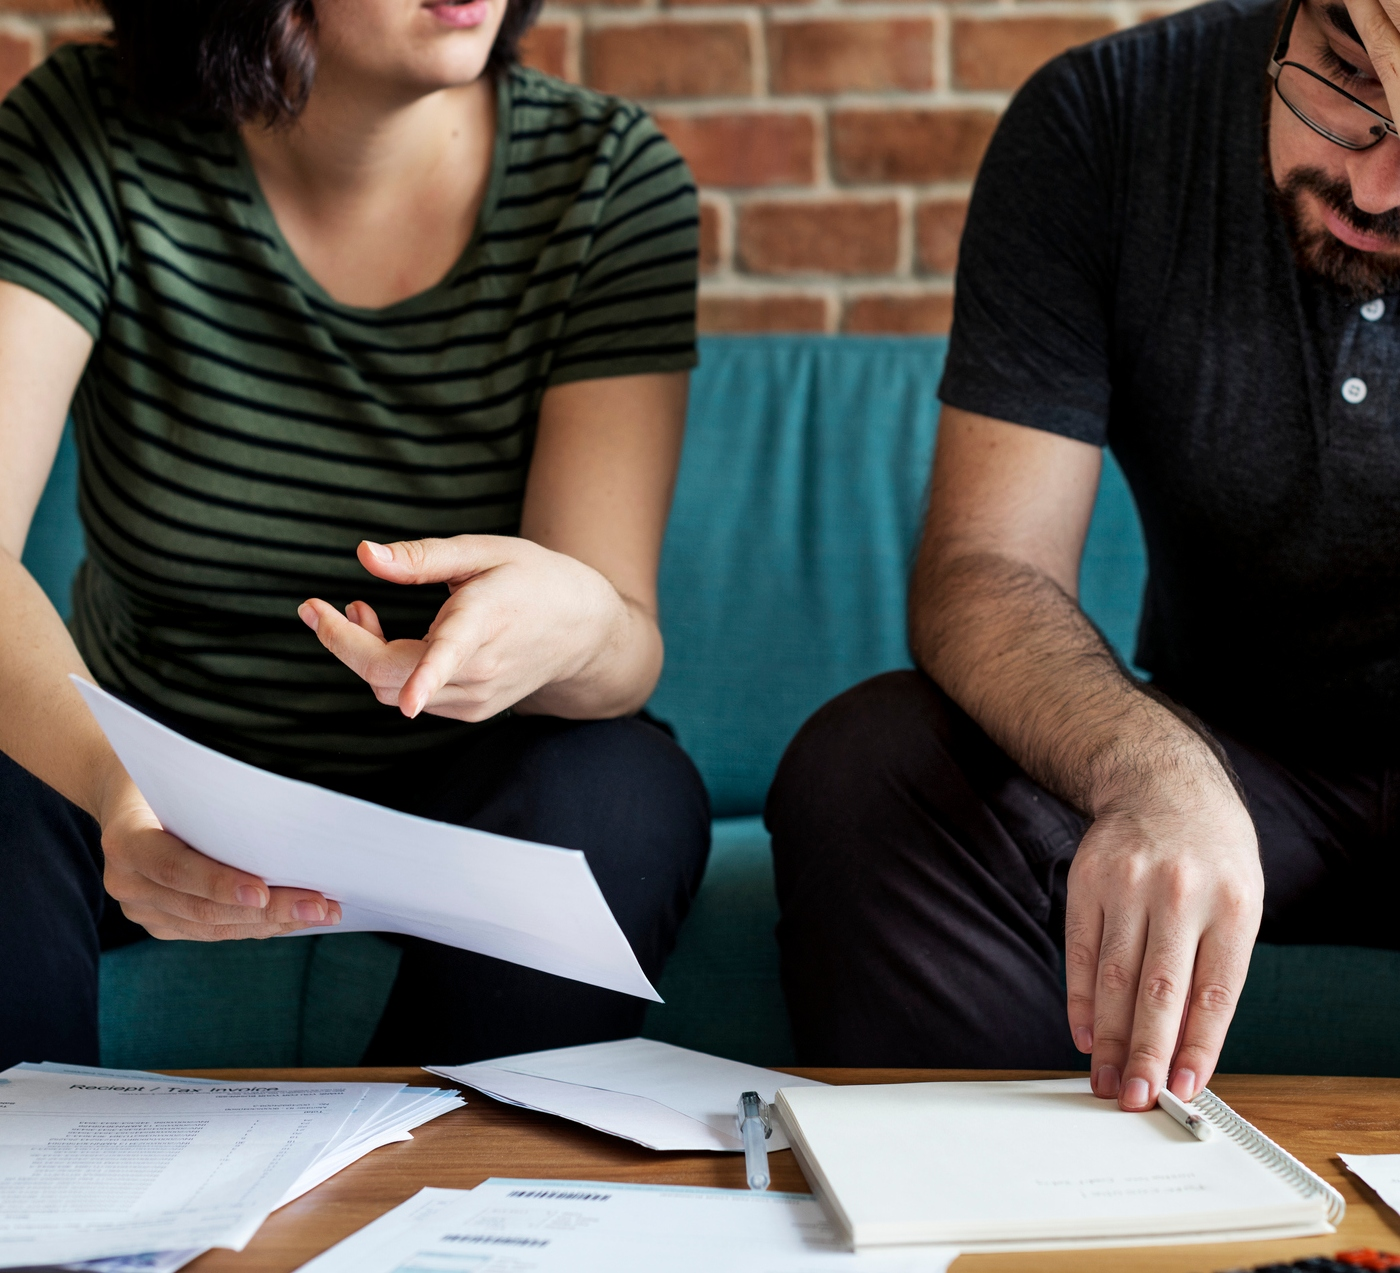 mulher e homem analisam documentos